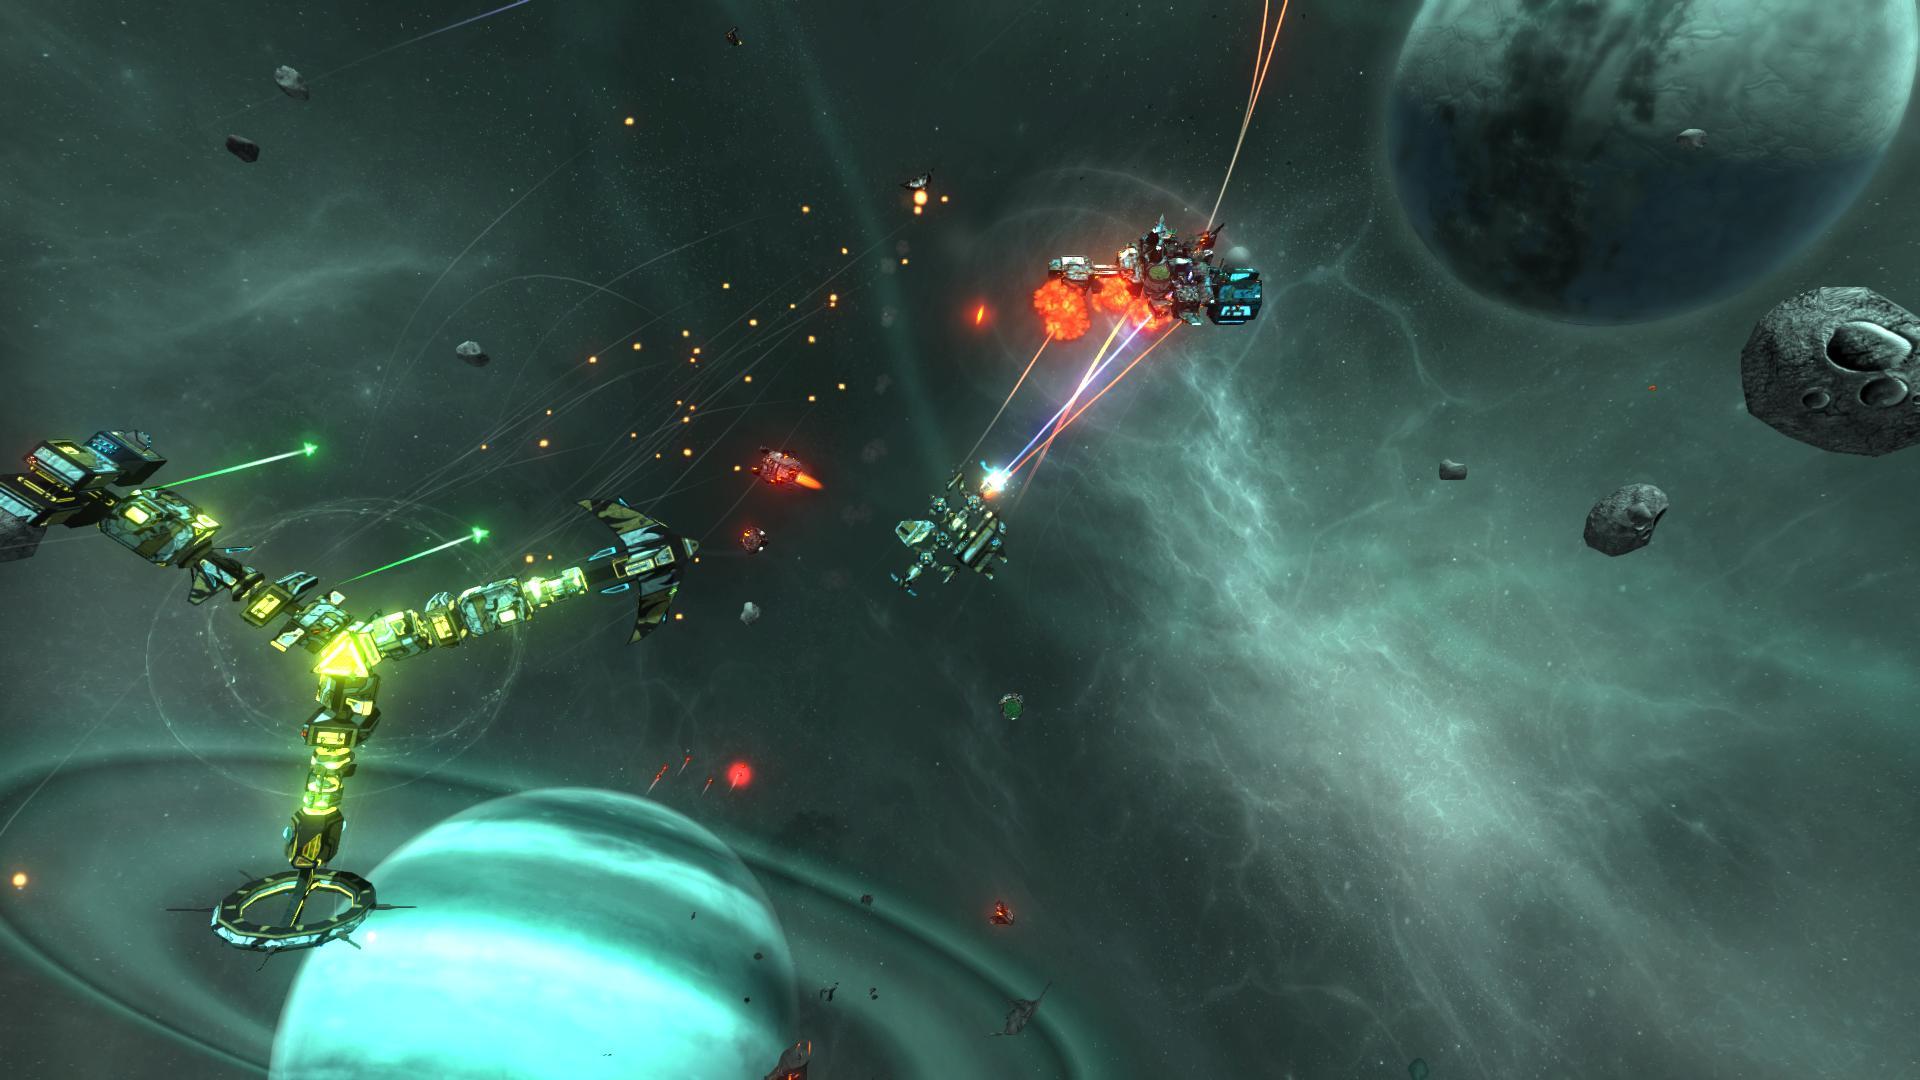 Ein Kampf beginnt! Die Sternbasis liefert Unterstützungsfeuer. In Teil 1 konnte der Spieler keine Sternbasen bauen. Das dies in Teil 2 möglich ist, ist ein aufregendes Feature.